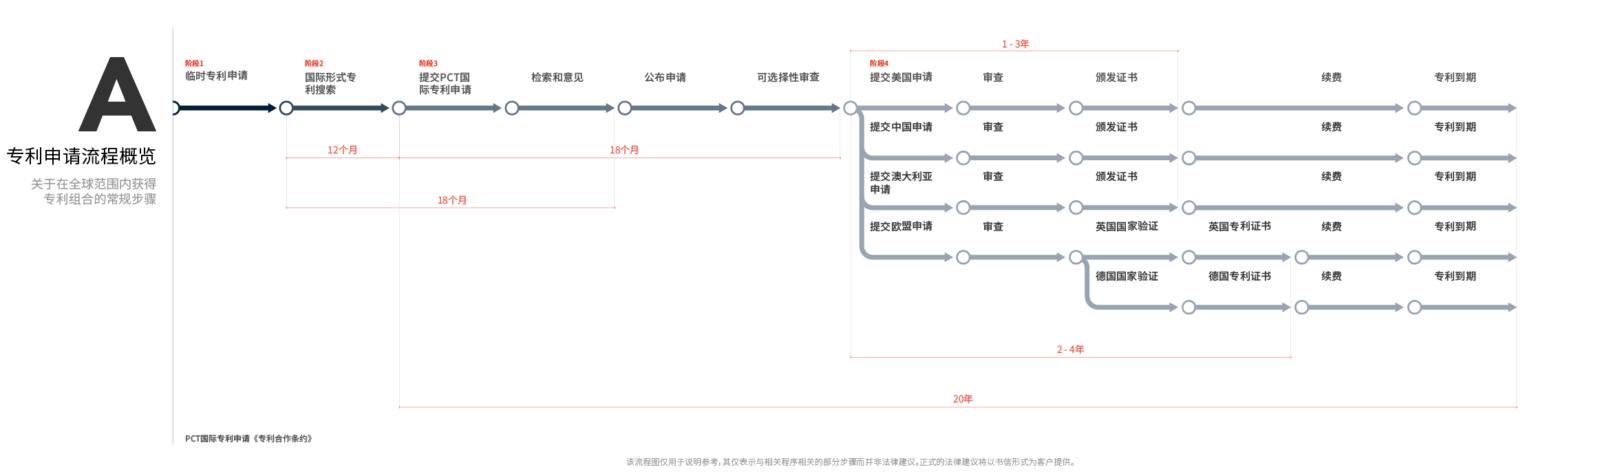 专利申请流程概览